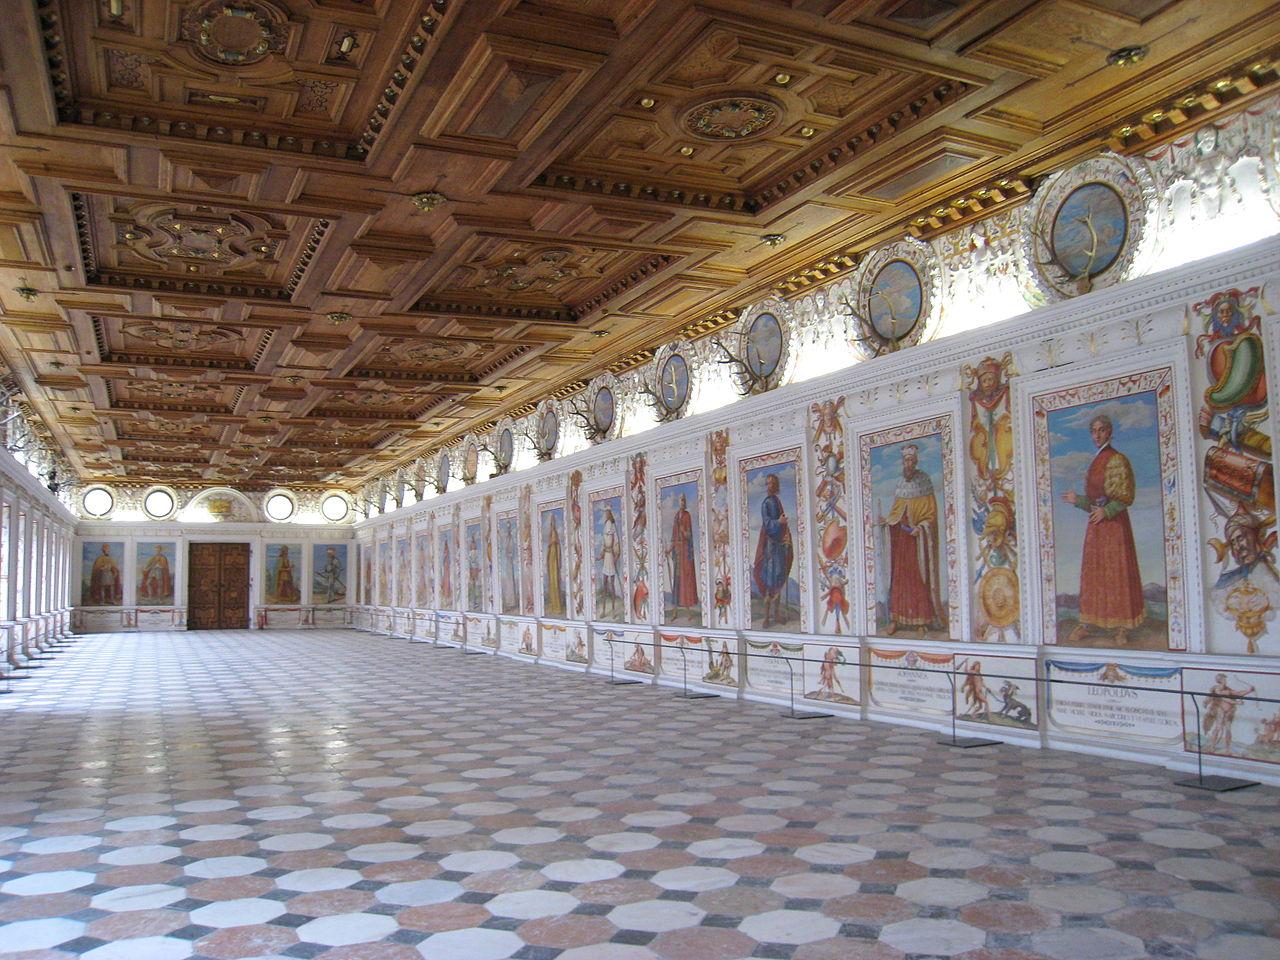 Замок Амбрас, Испанский зал